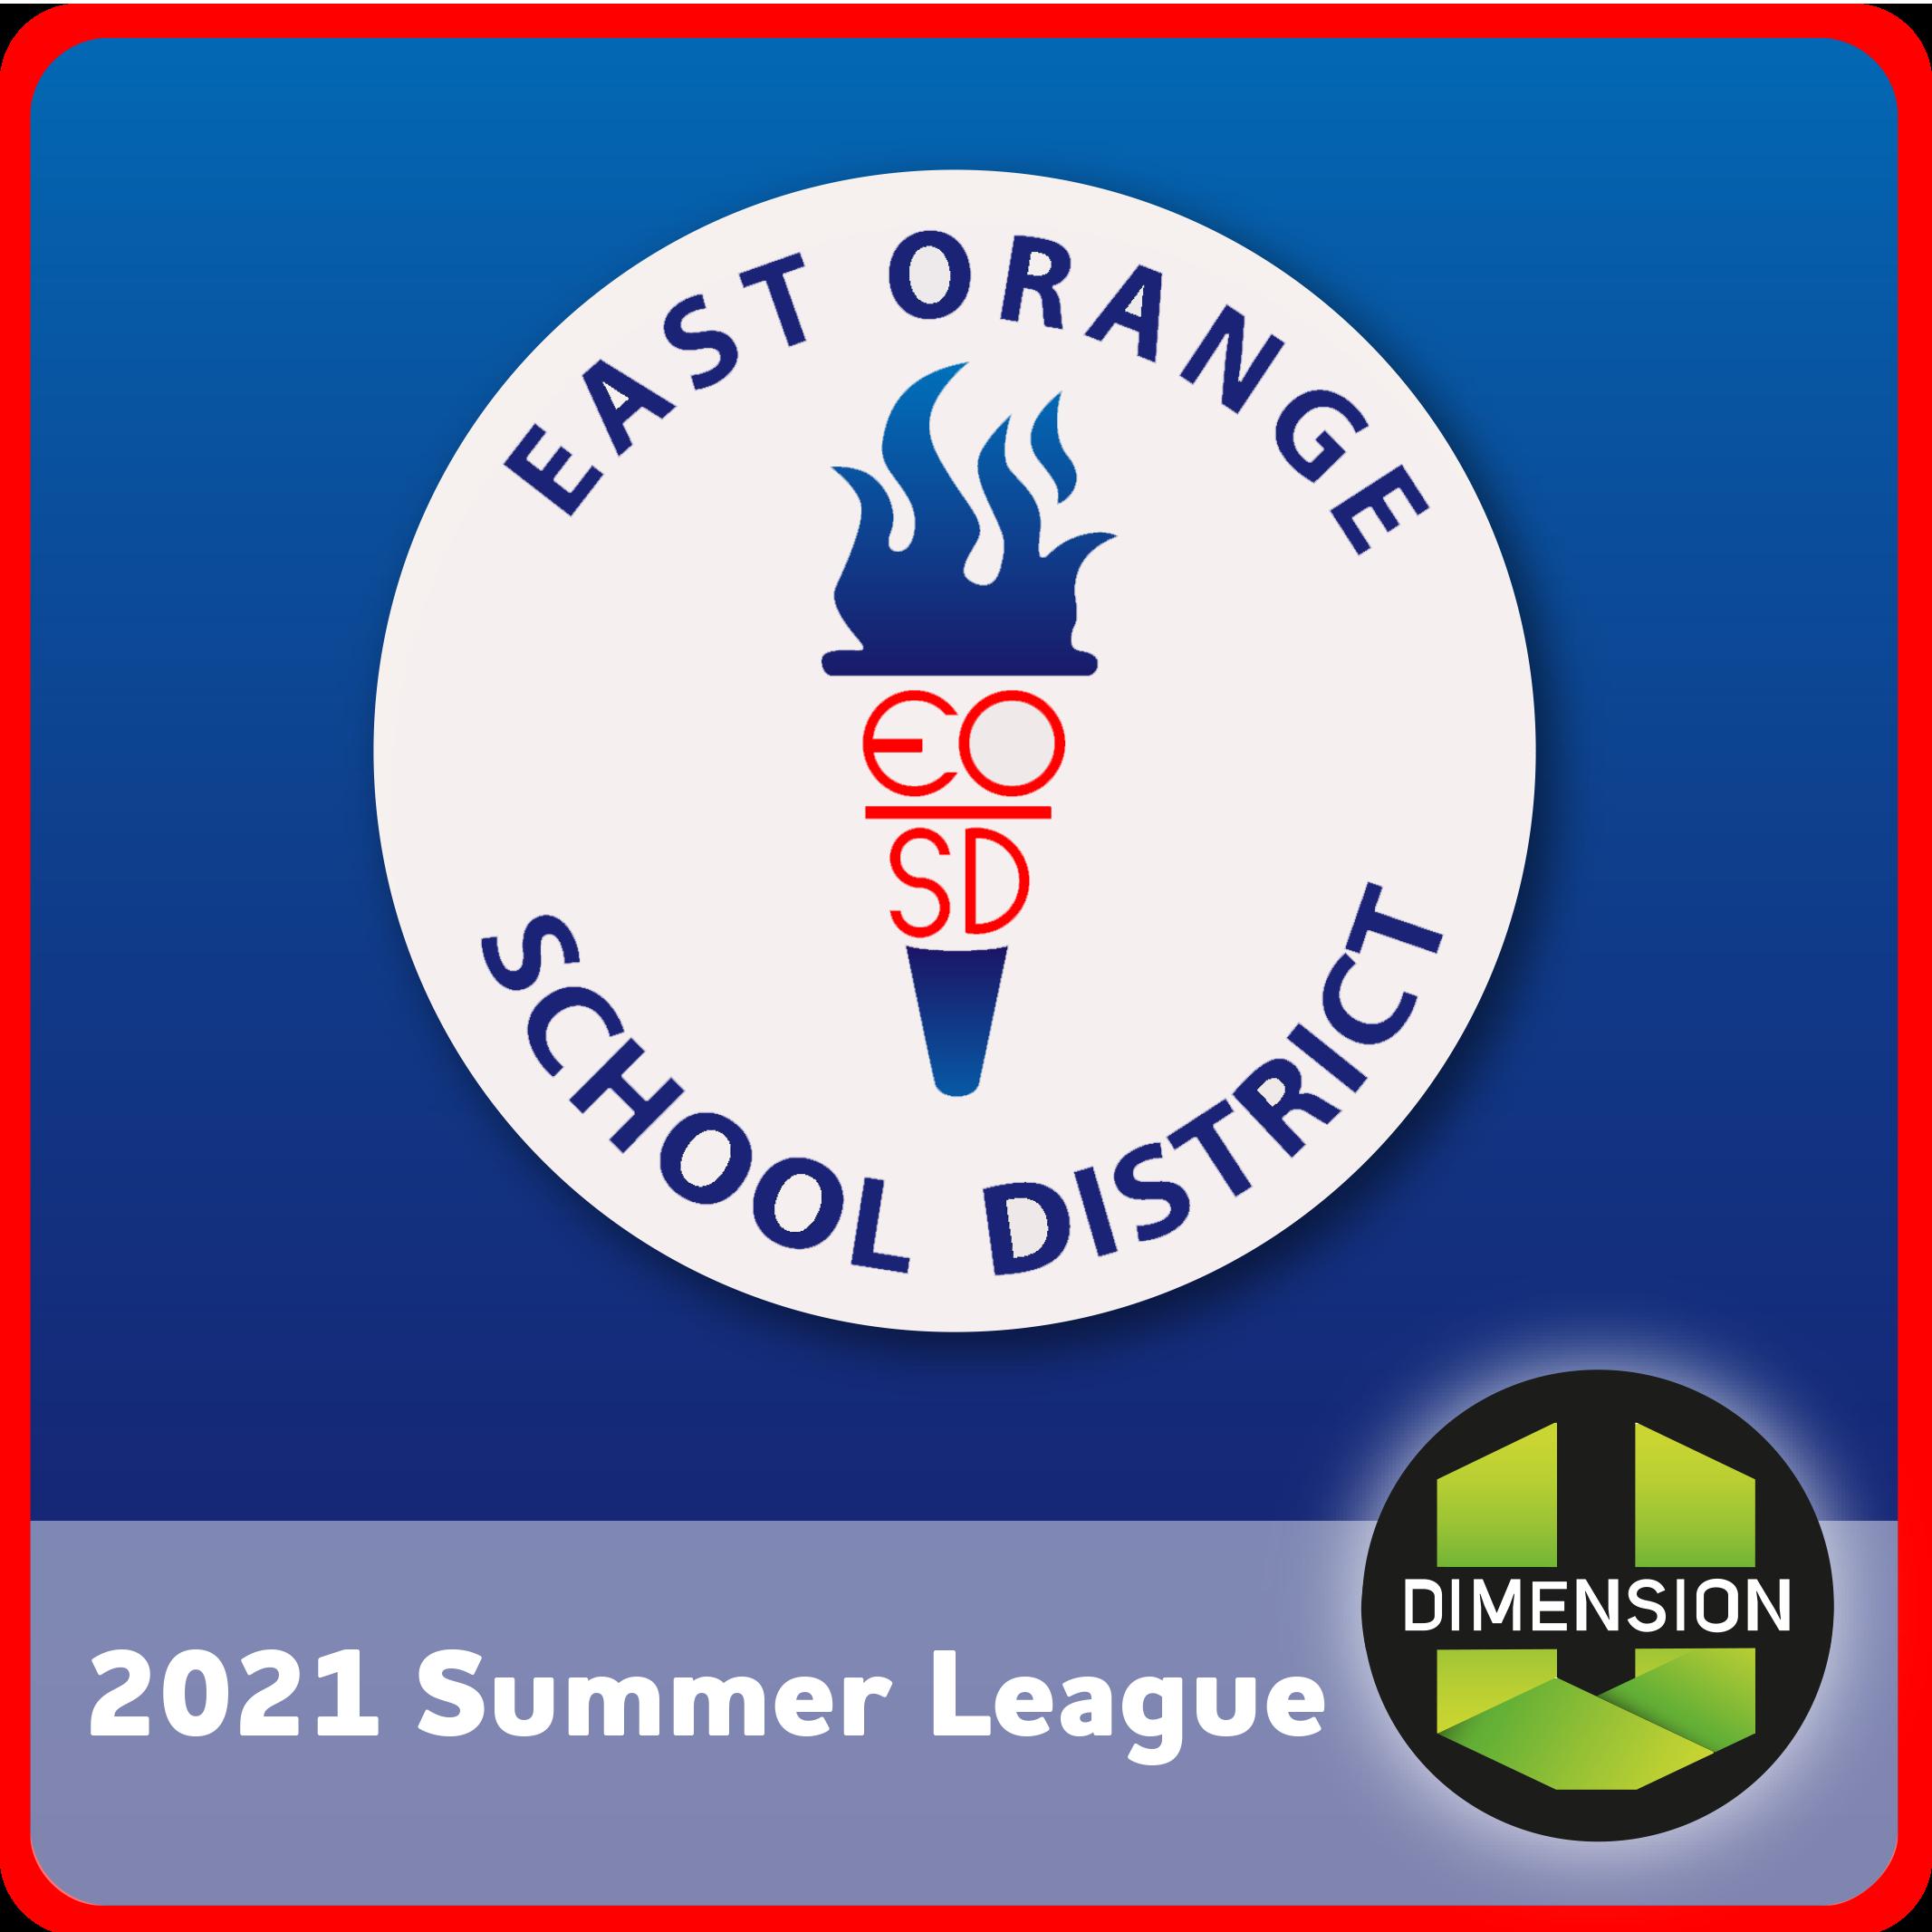 East Orange League